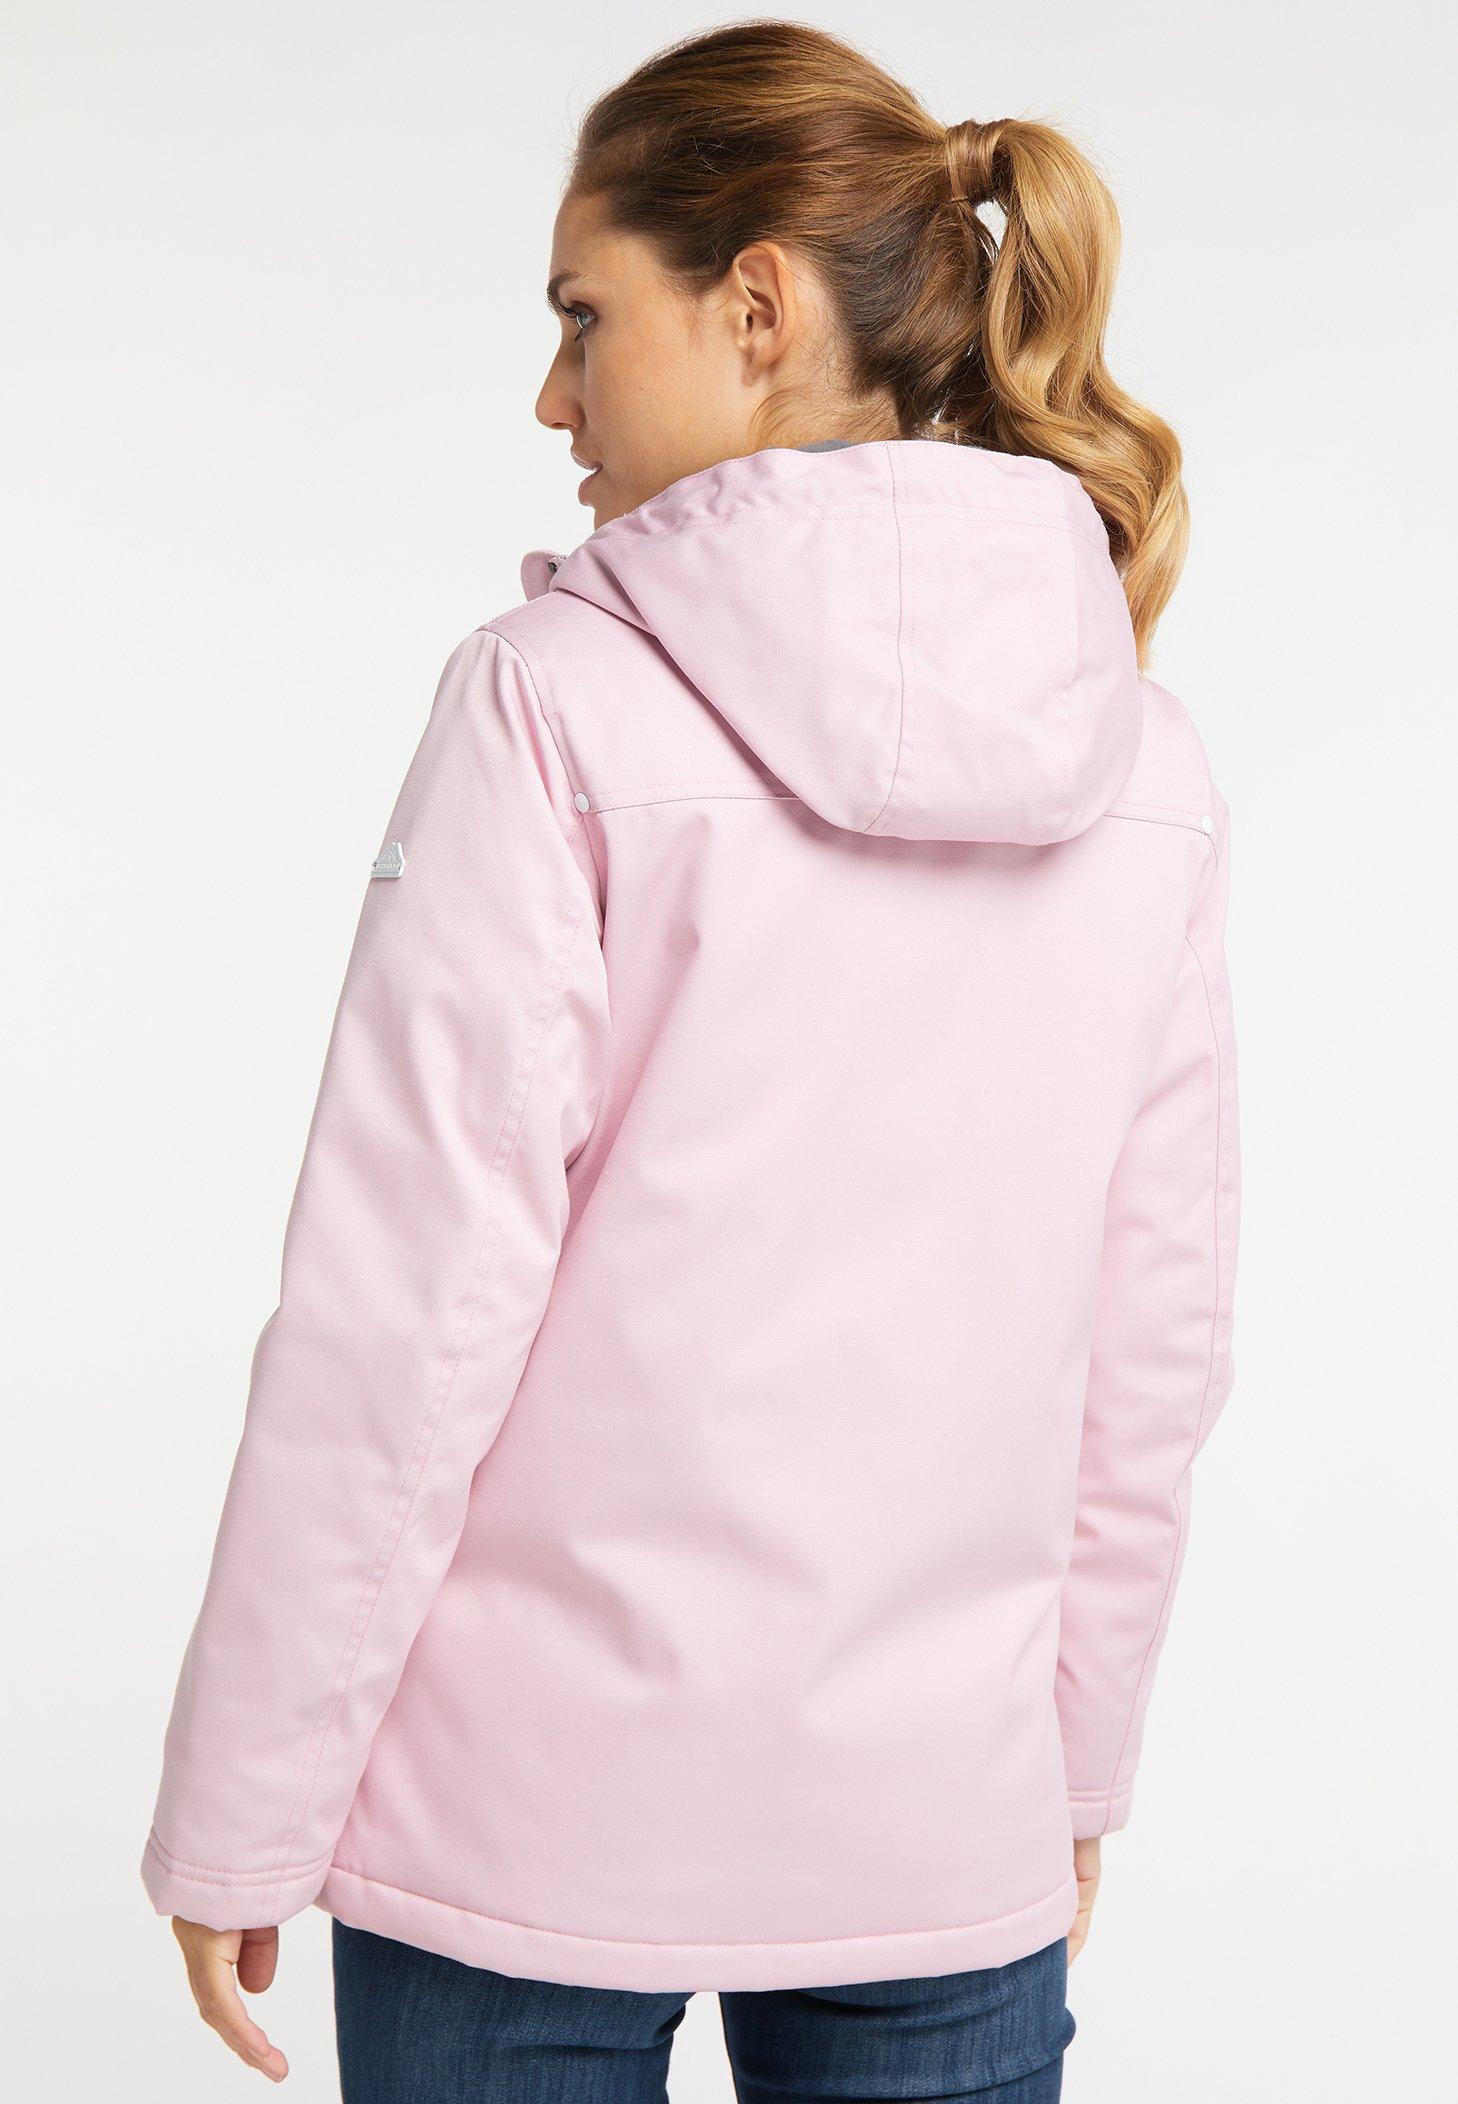 ICEBOUND Winterjacke powder pink/rosa